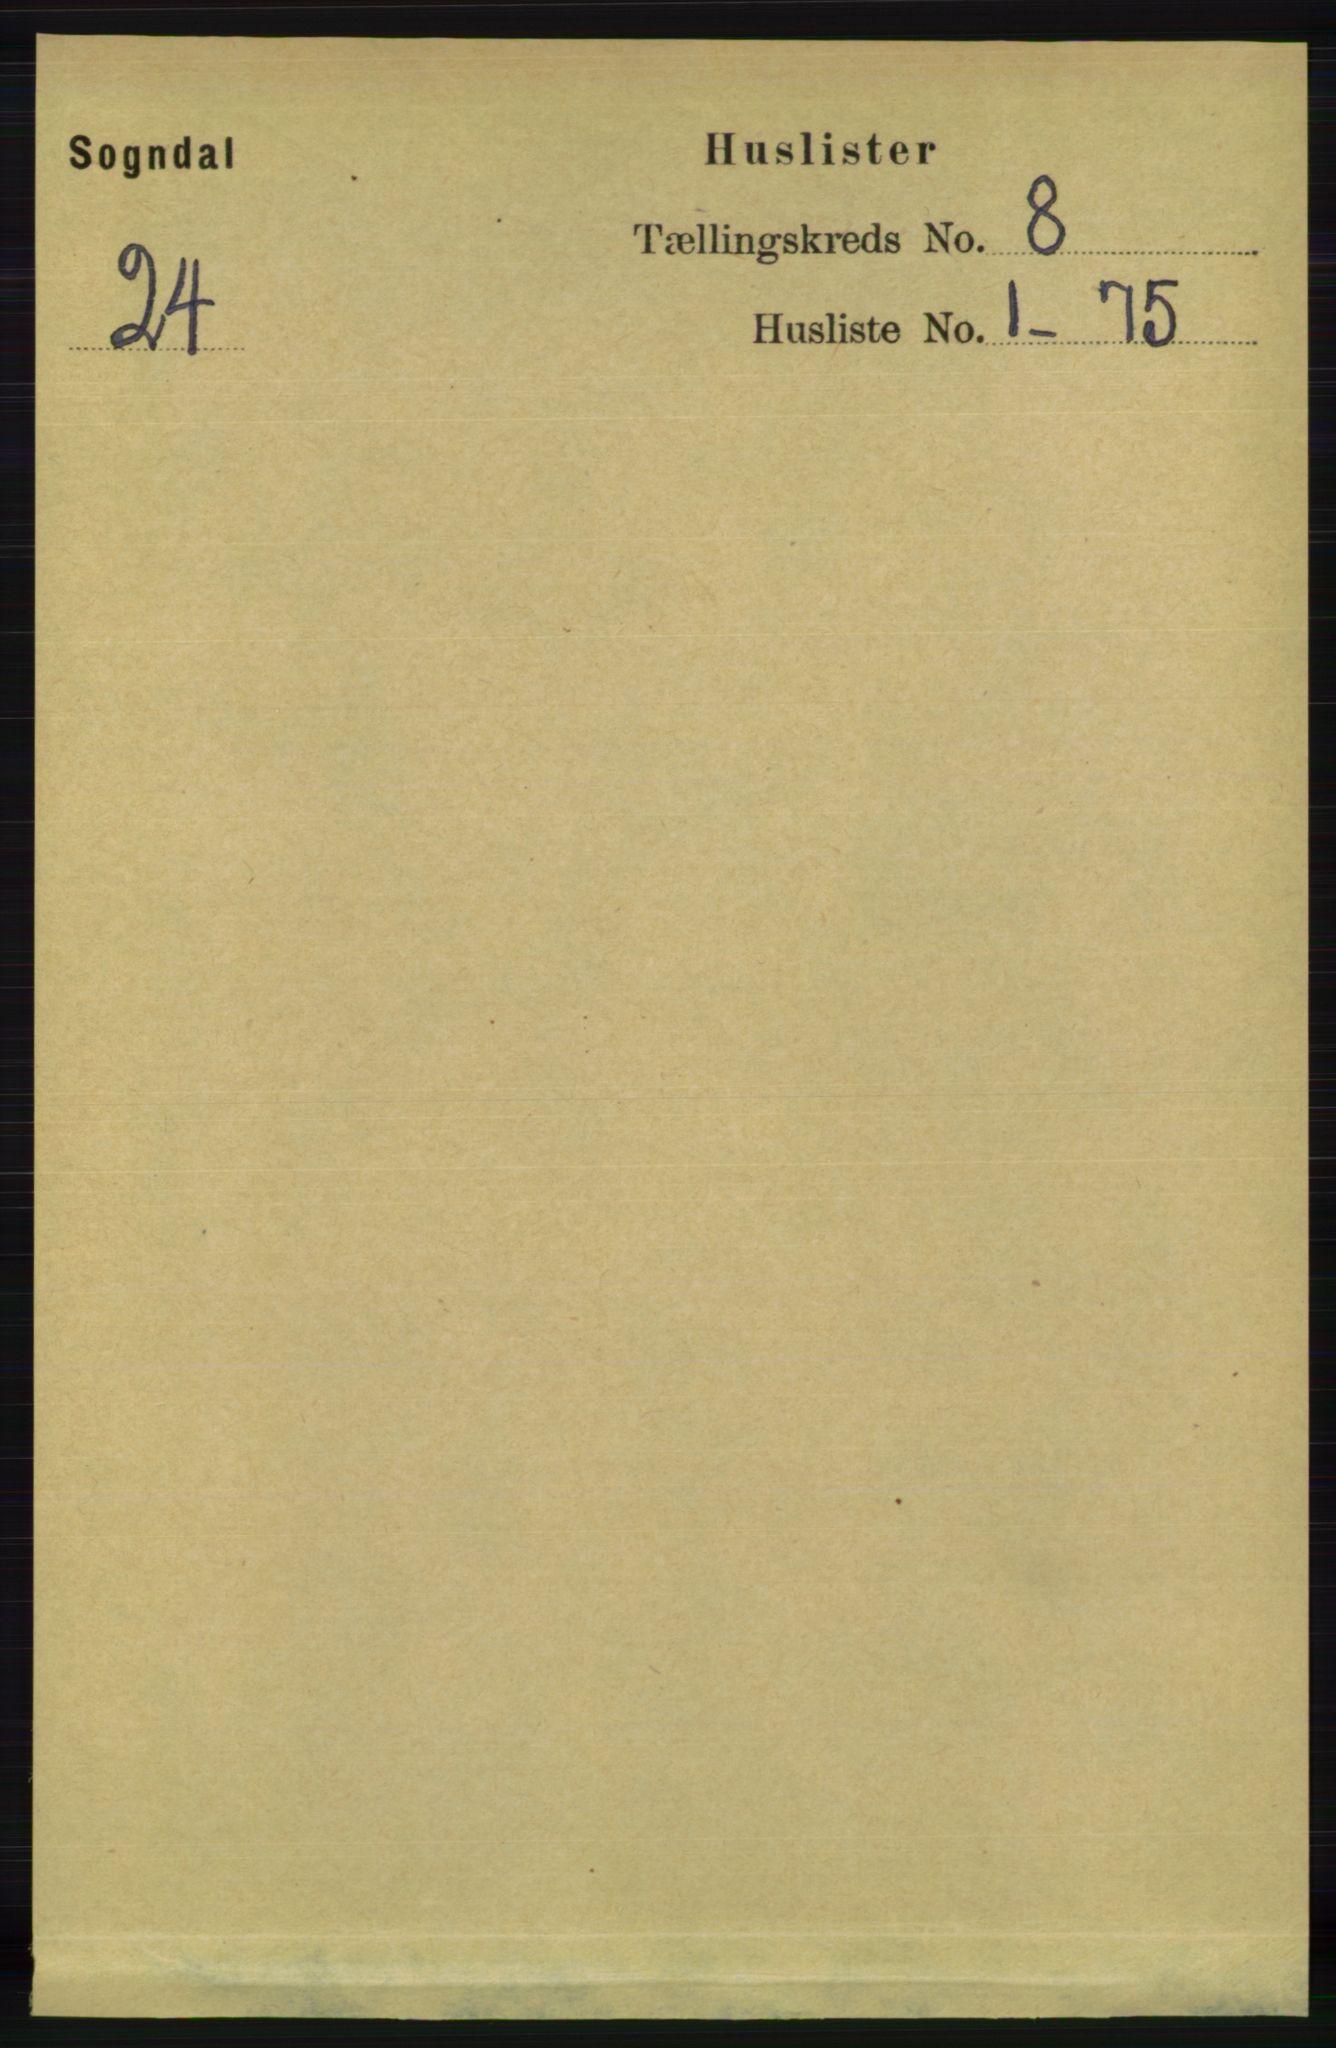 RA, Folketelling 1891 for 1111 Sokndal herred, 1891, s. 2597